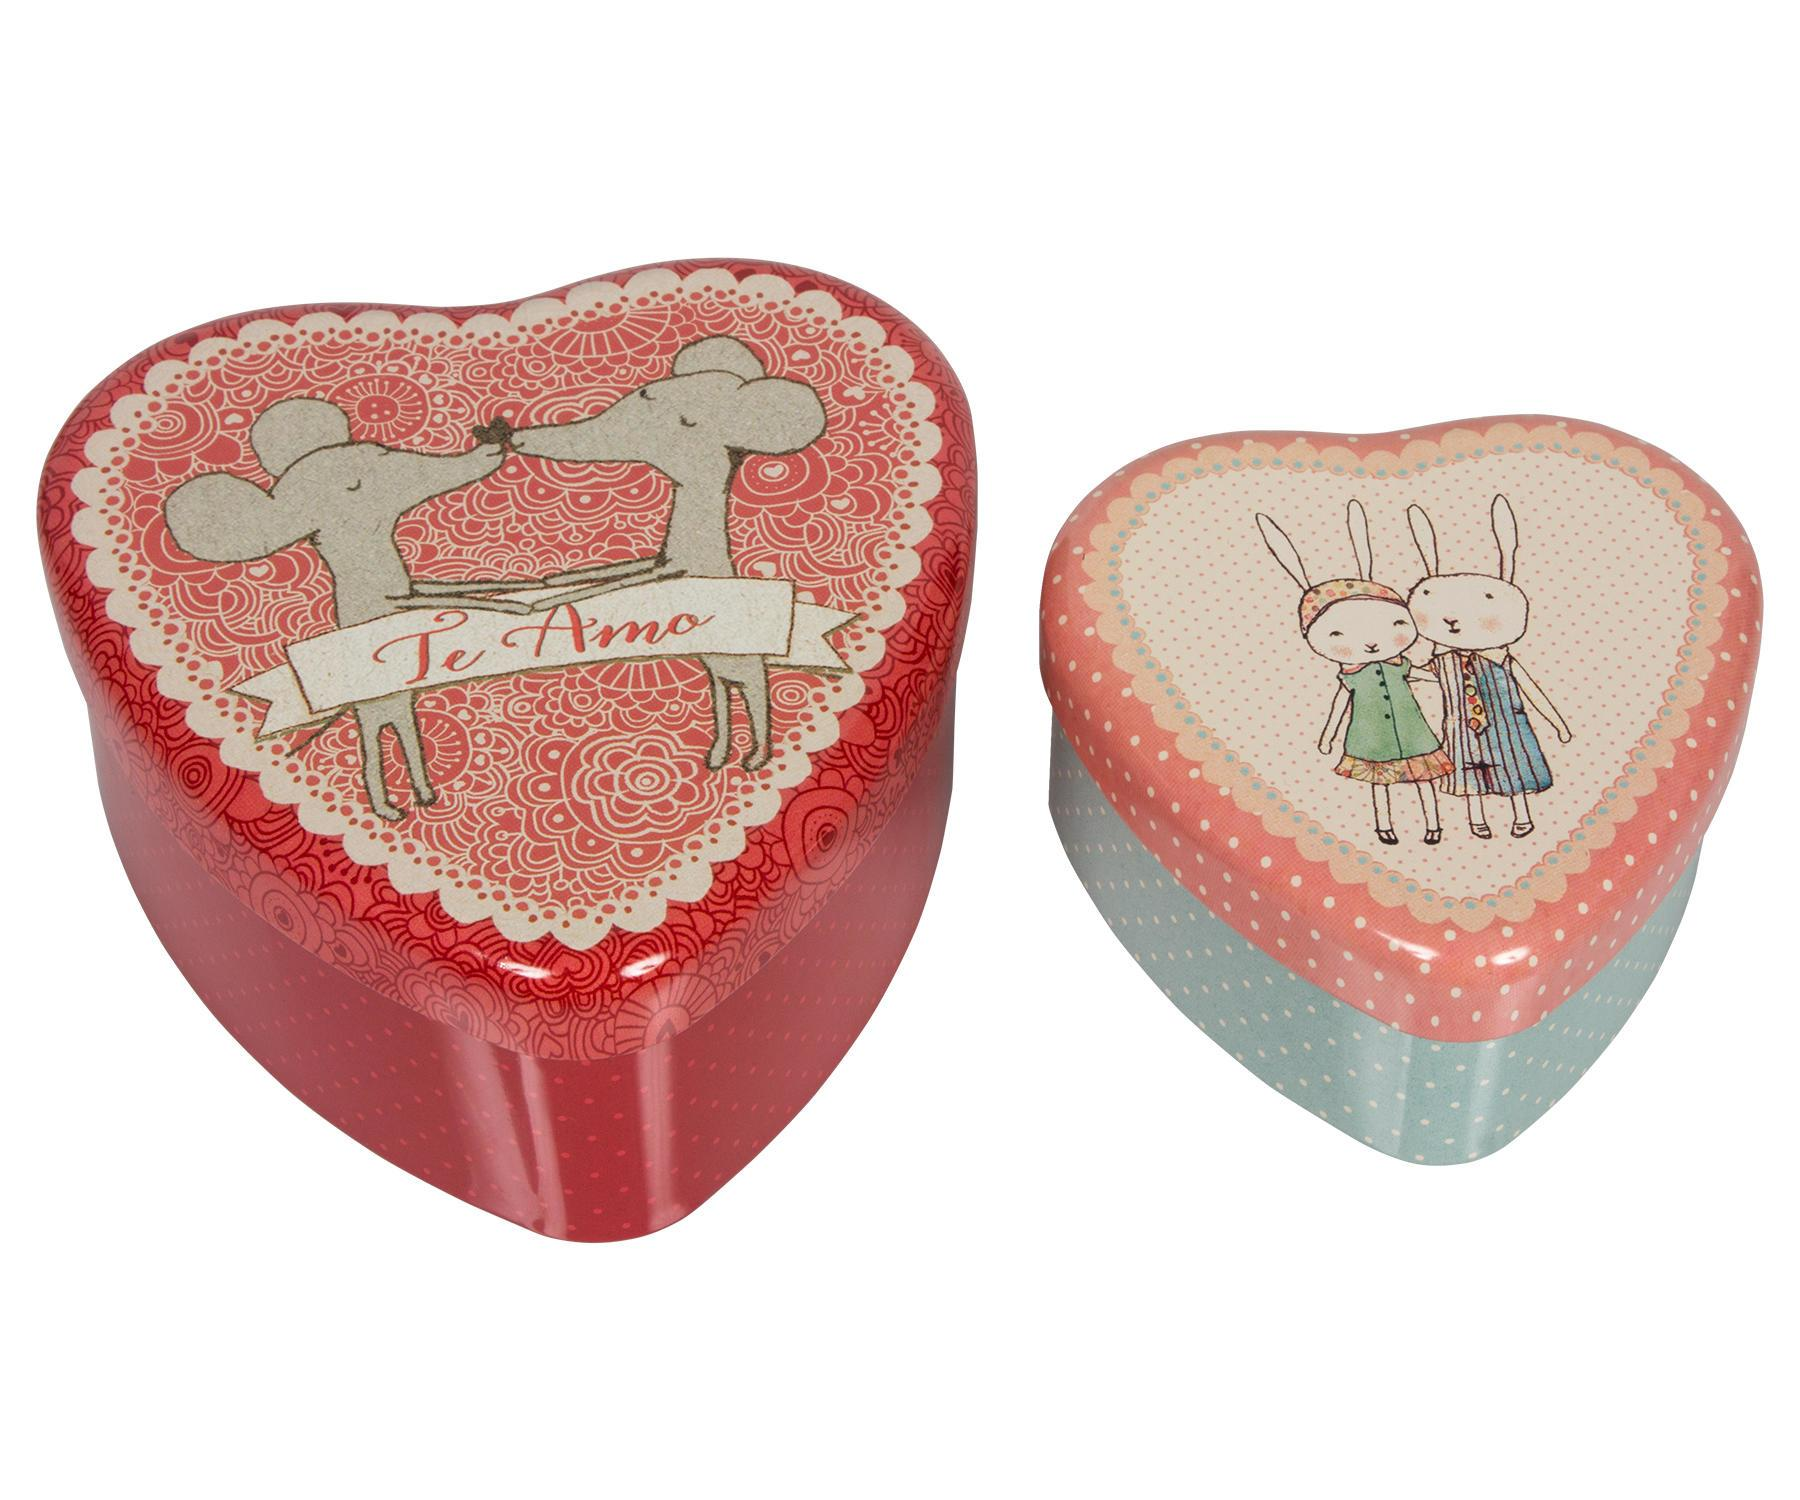 Maileg Plechové krabičky ve tvaru srdce Te amo - set 2 ks